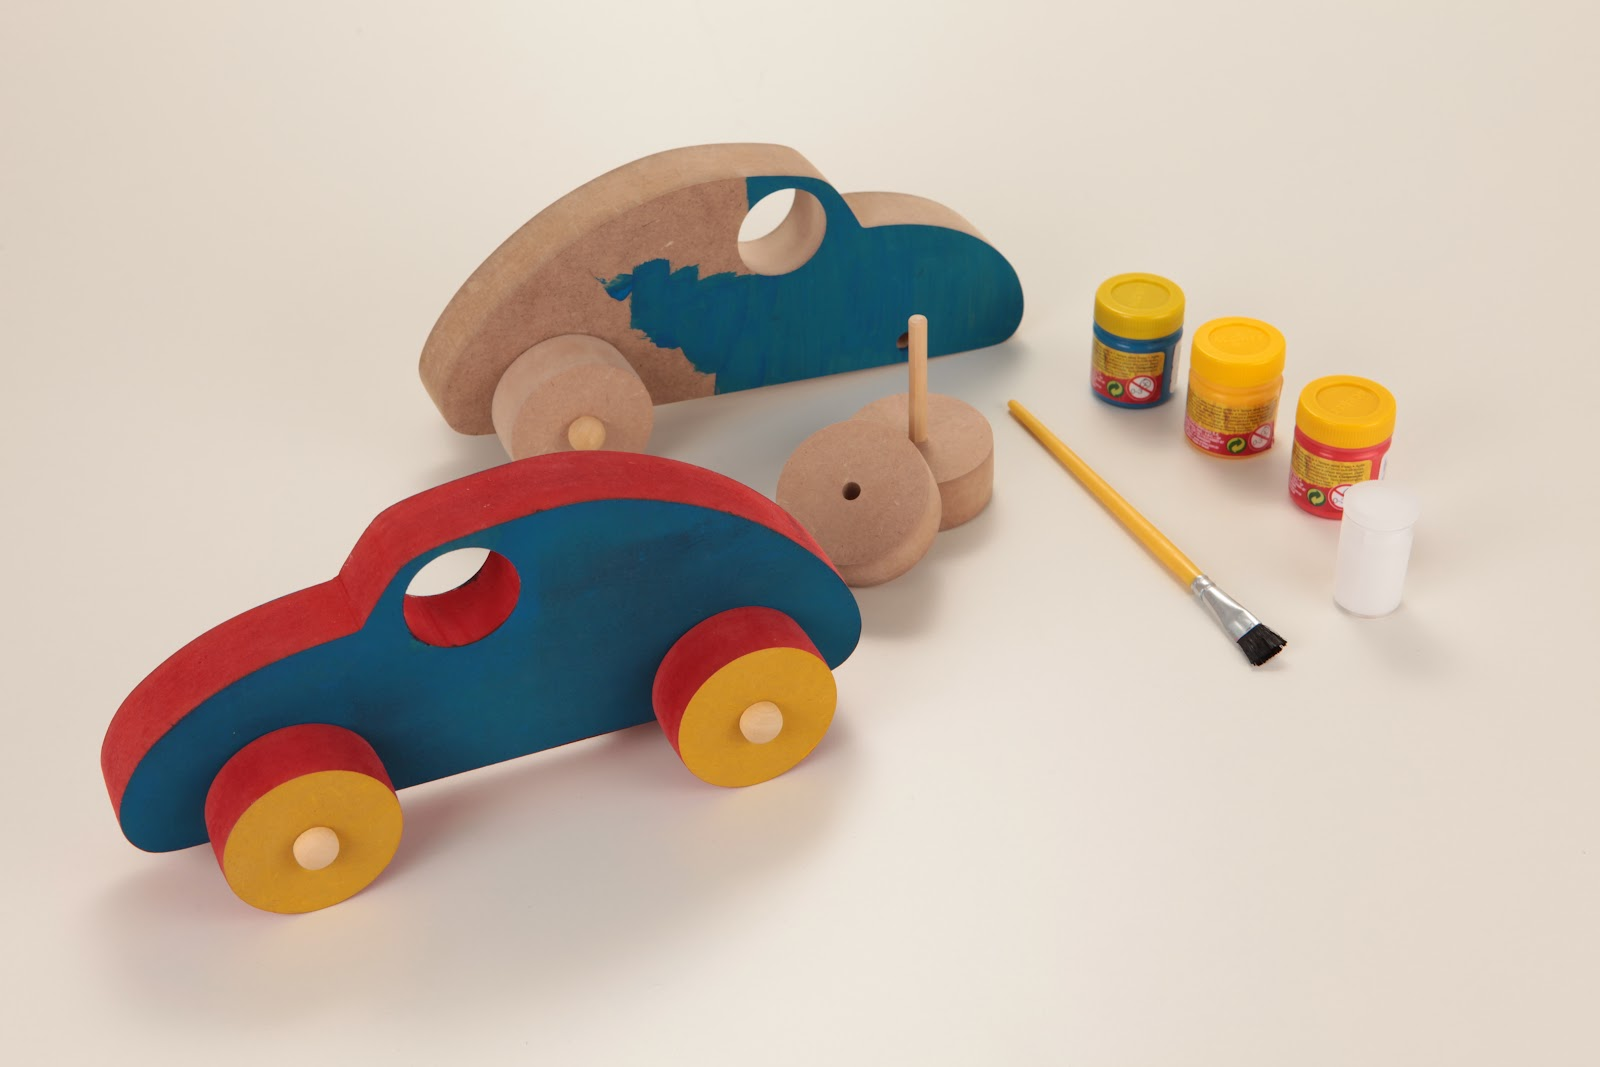 Kit Arte Role Carrinho de madeira para montar pintar e brincar